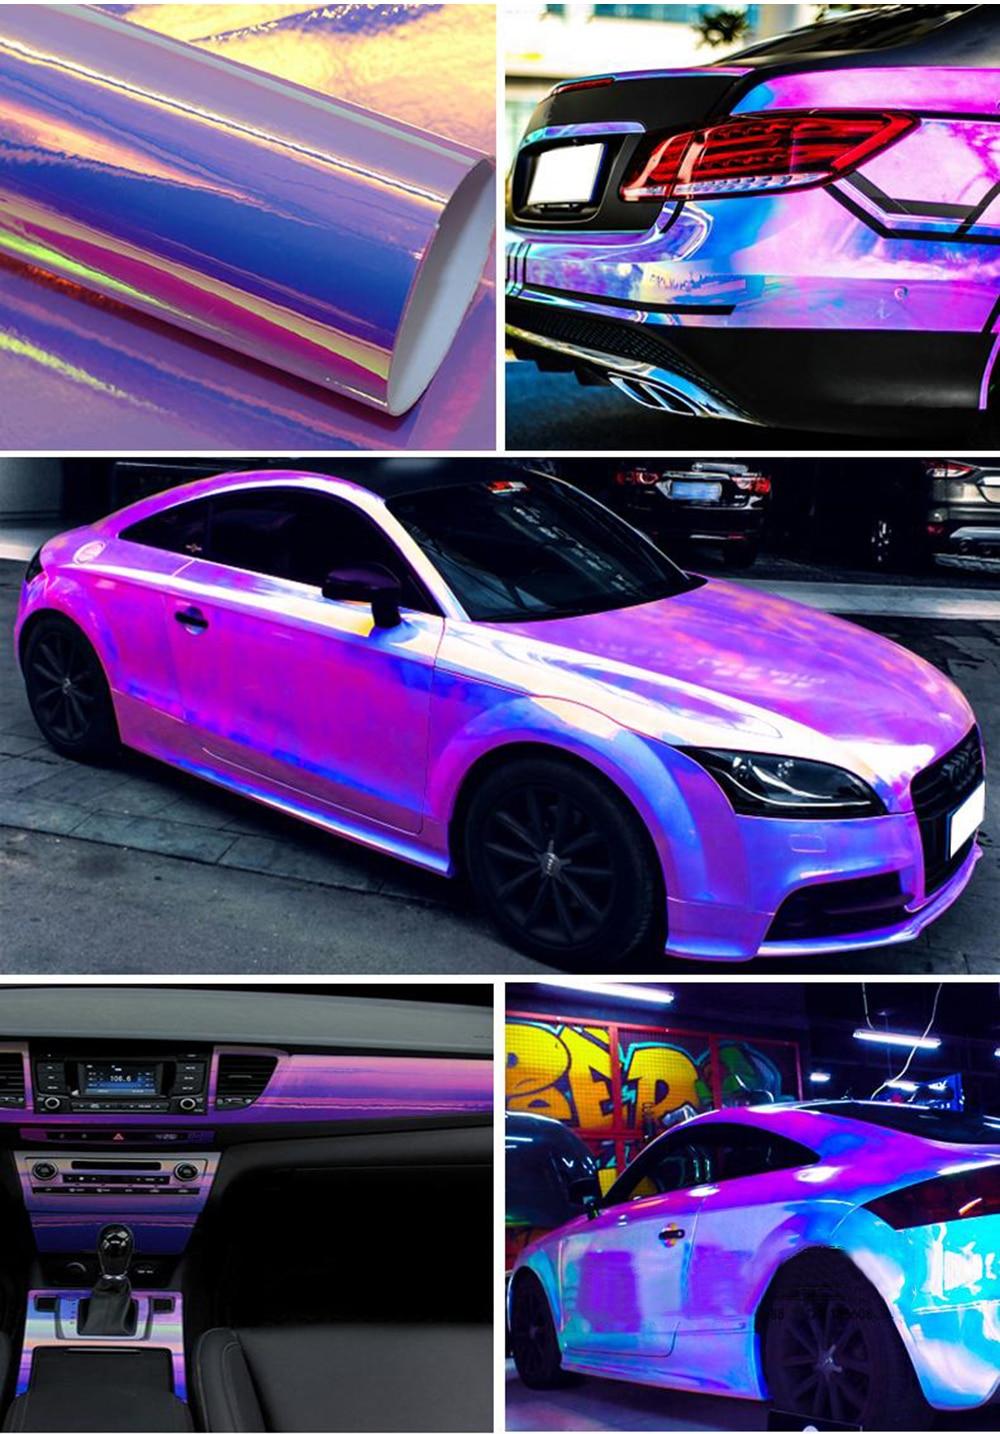 10 см x 100 см голографические радужные хромированные автомобильные наклейки с лазерным напылением, виниловая пленка для кузова, для самостоятельной сборки автомобилей